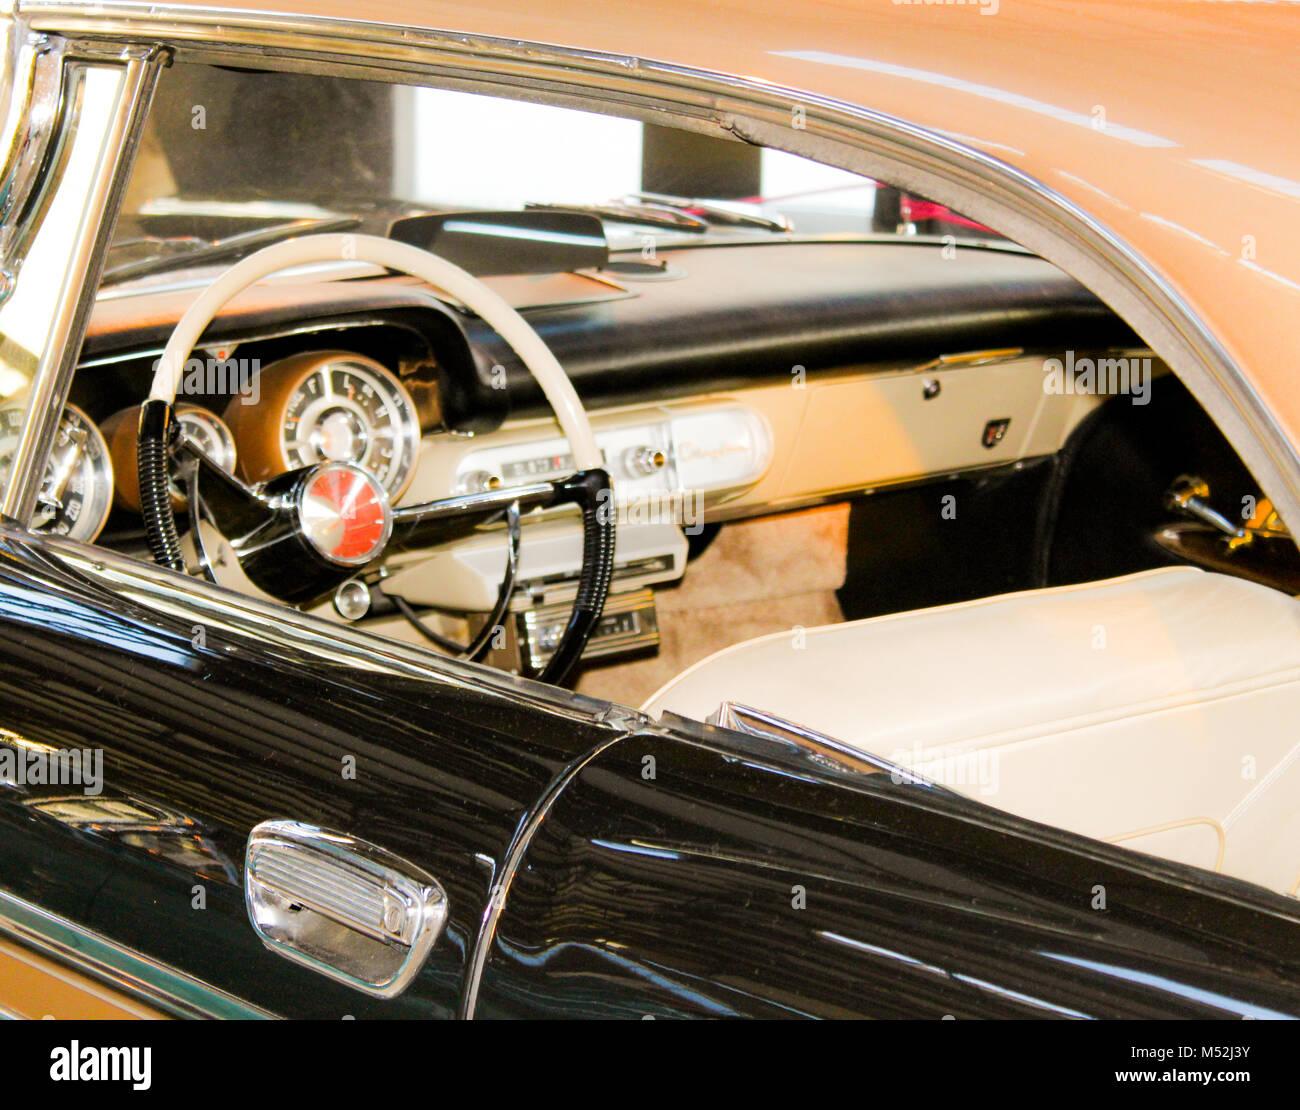 1957 Buick Stock Photos & 1957 Buick Stock Images